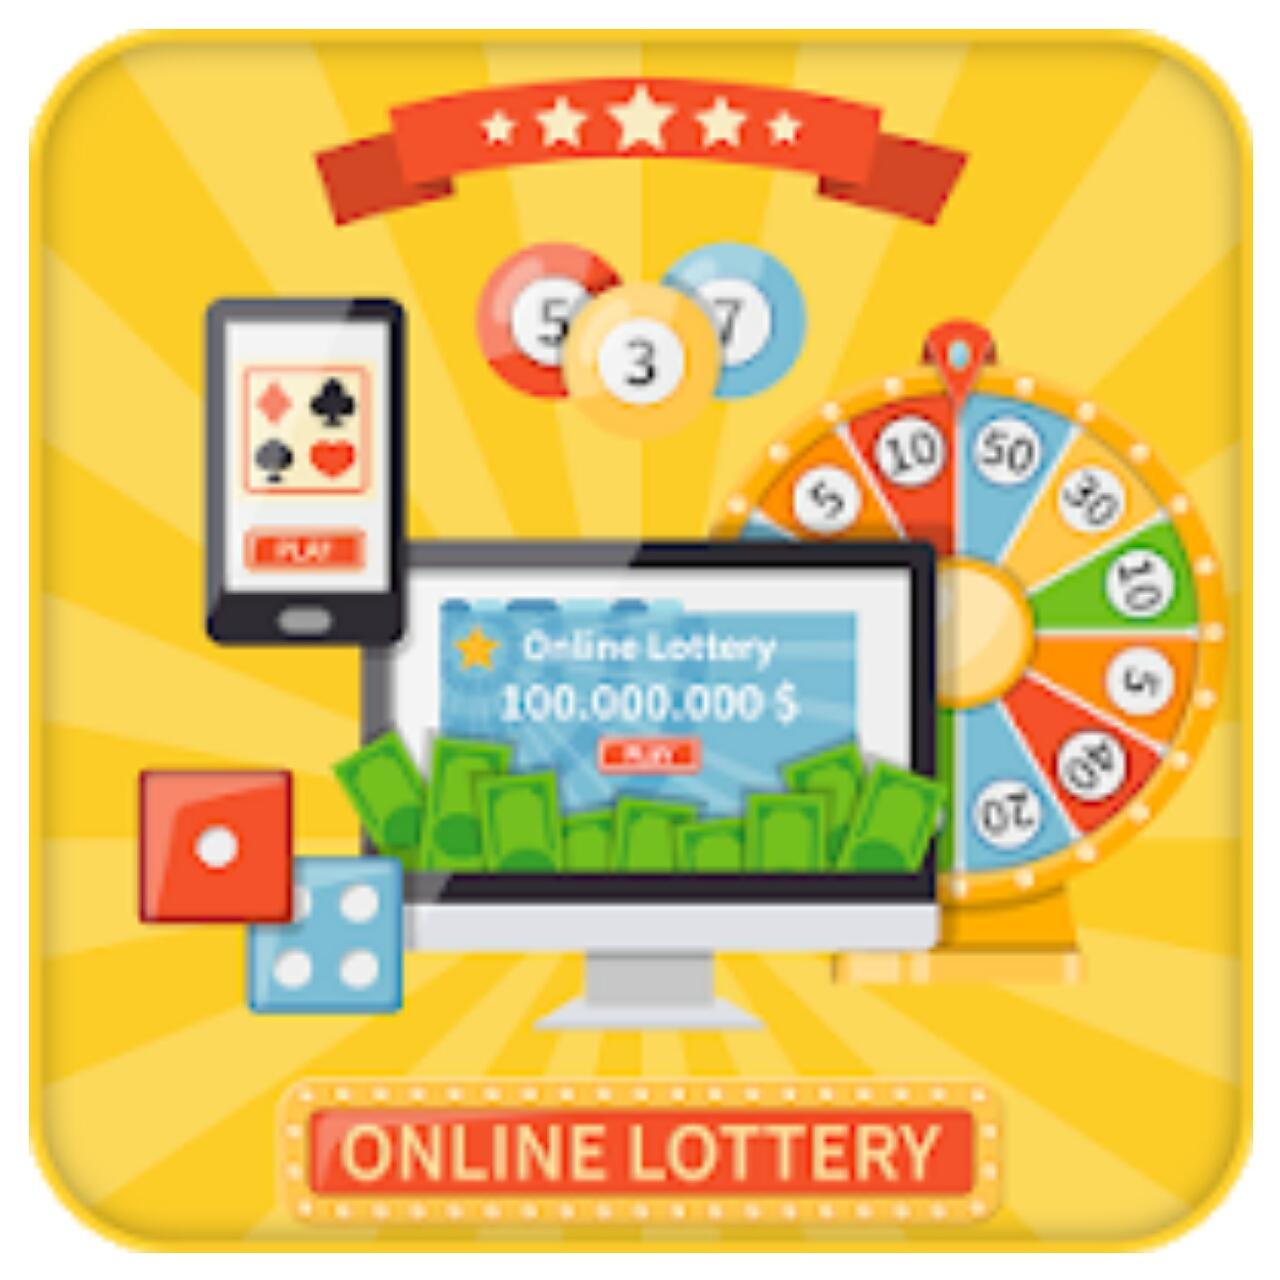 Instant Redeem Qureka App SignUp 10 Refer10 Paytm Cash